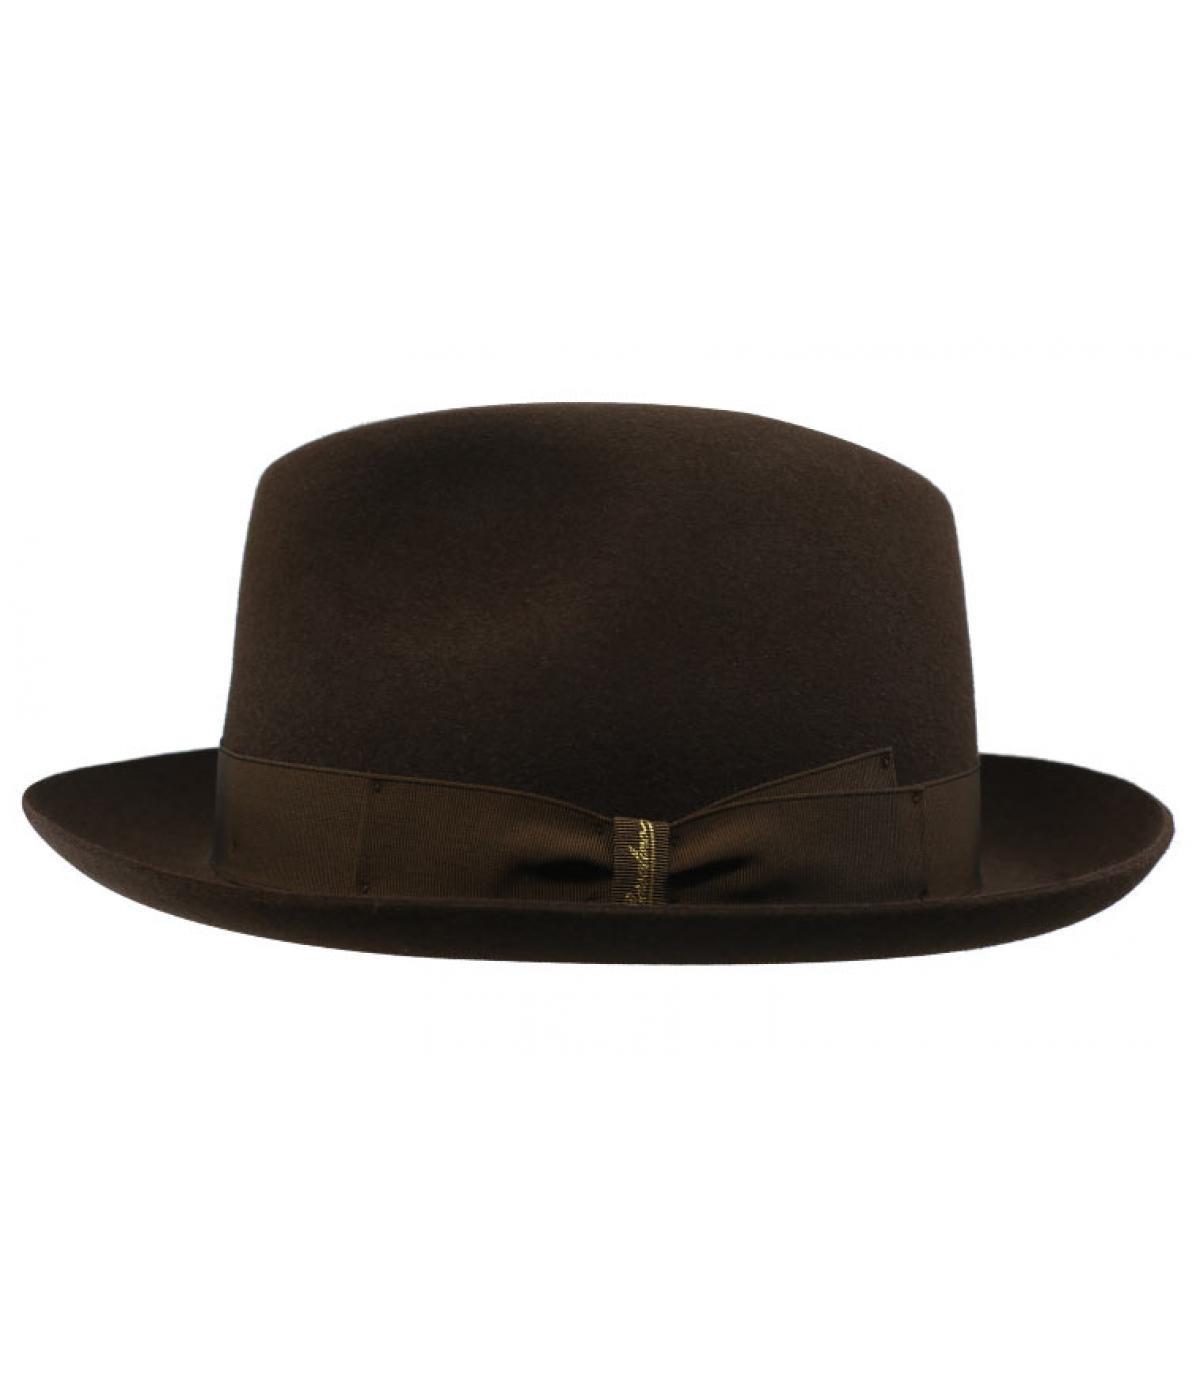 Détails Marengo brown Fur Felt Hat - image 2